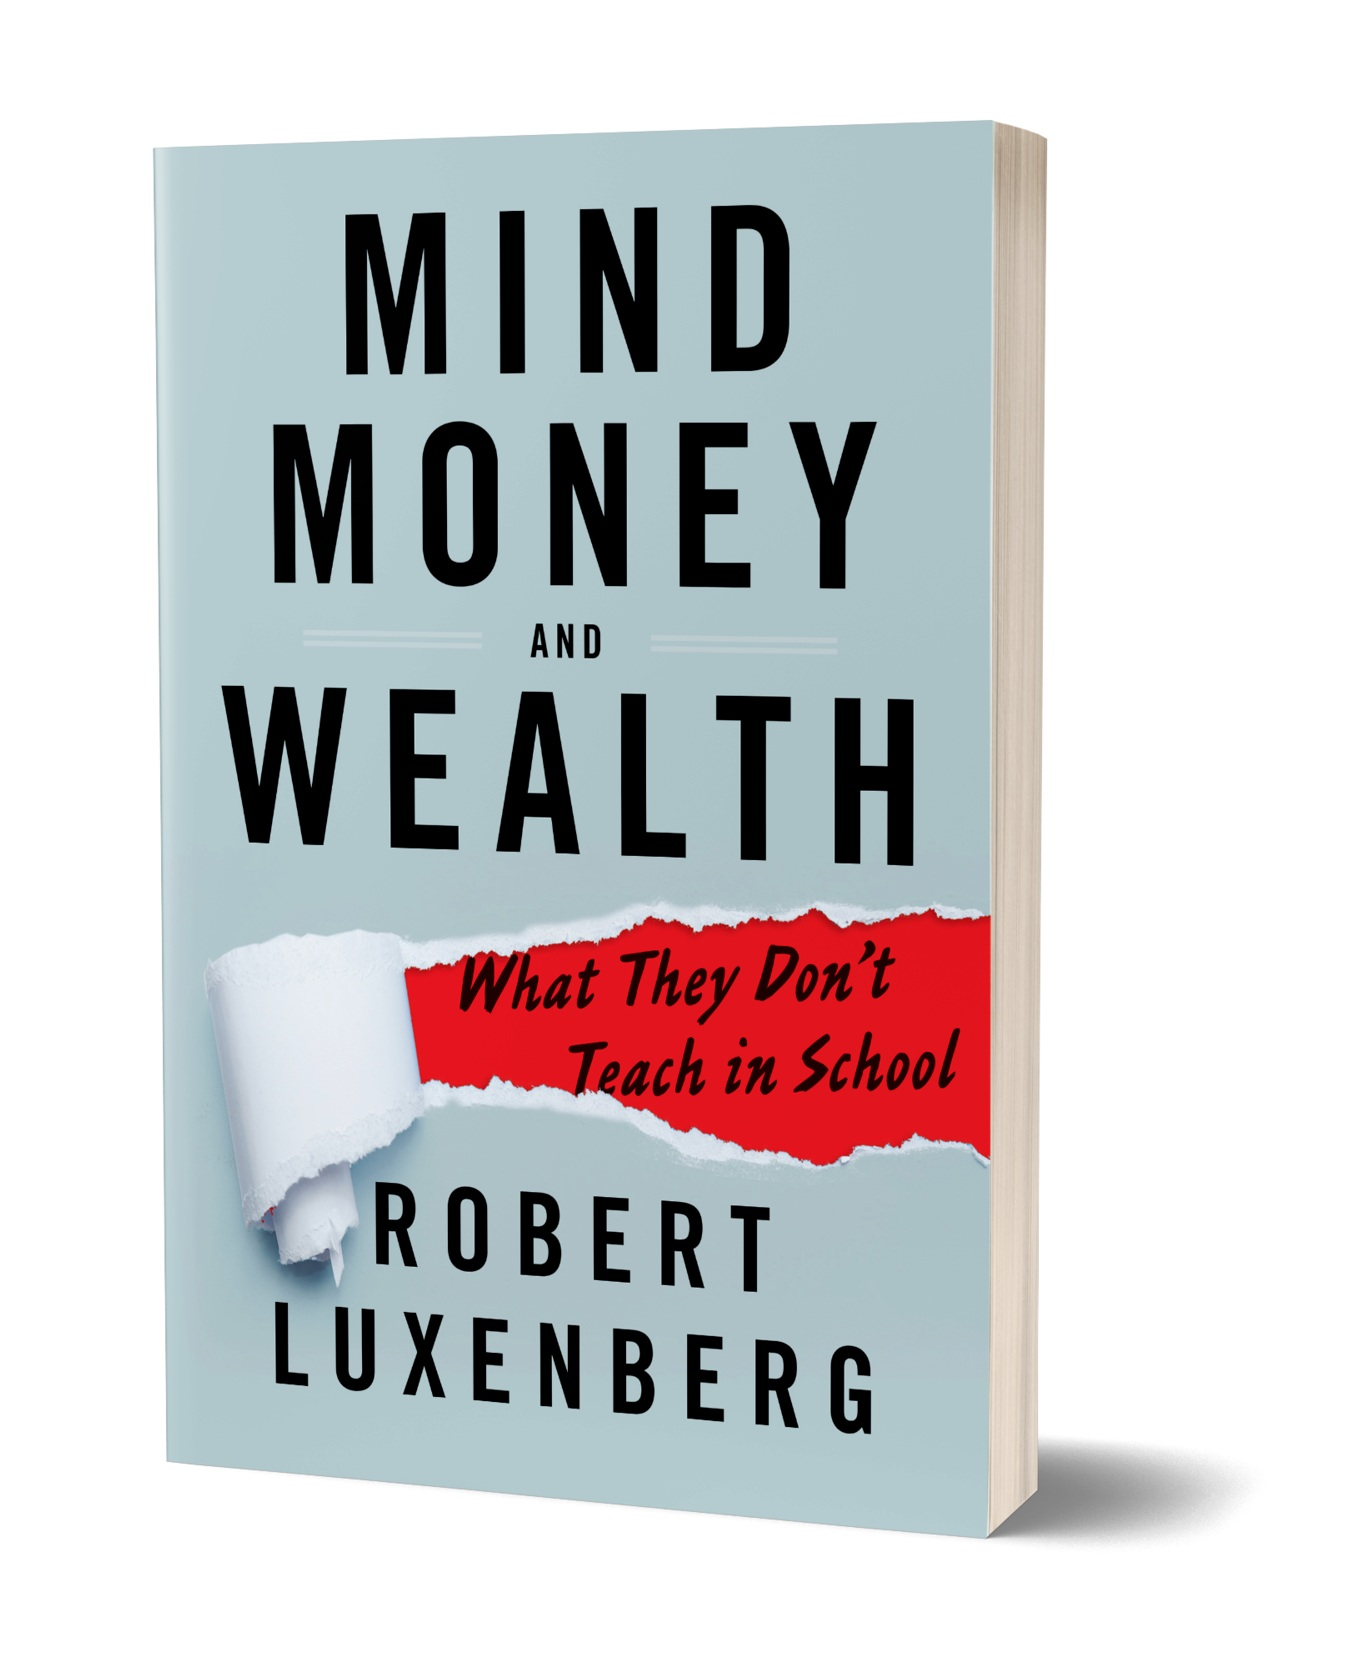 Mind+Money+Wealth